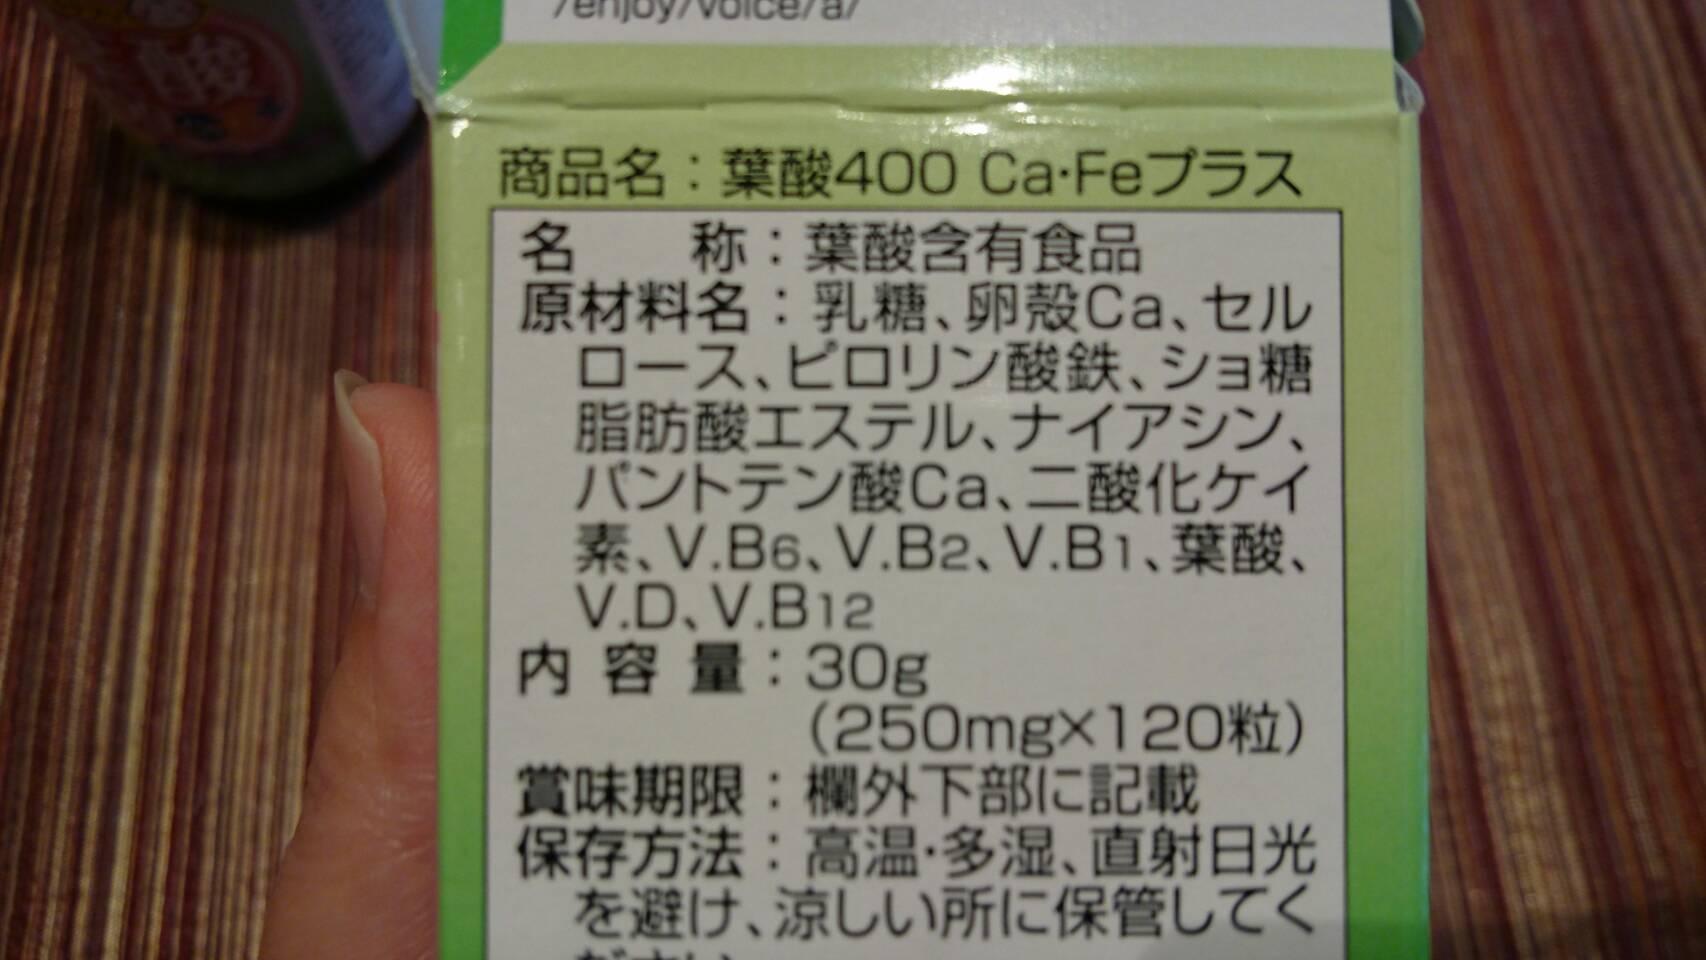 葉酸400 ca・feプラスの原材料名